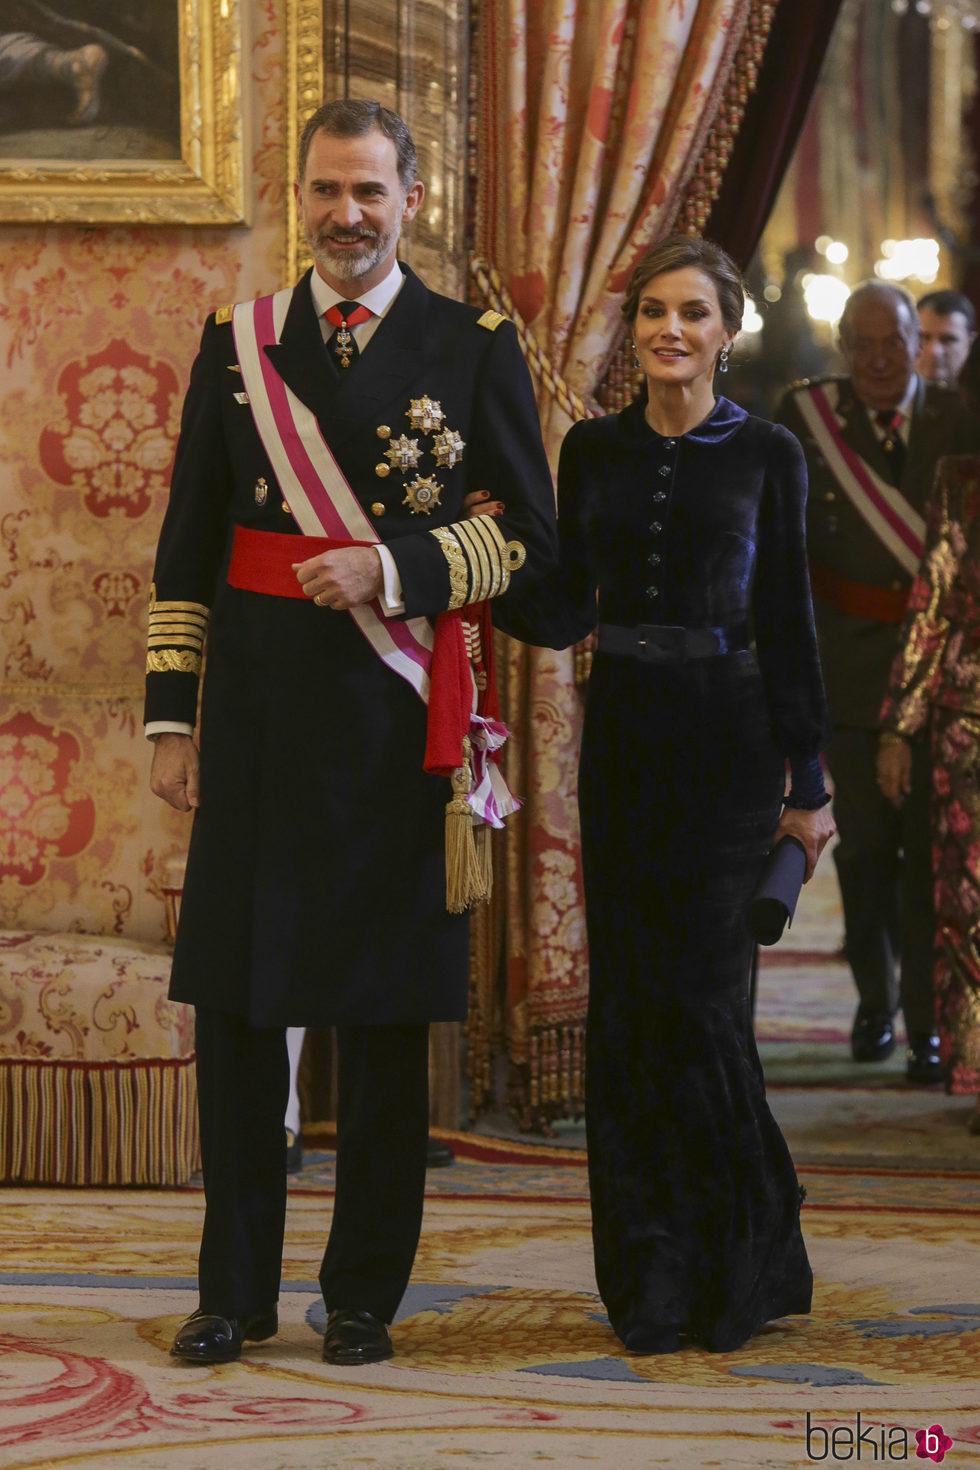 Los Reyes Felipe y Letizia llegando al Palacio Real para la Pascua Militar 2018